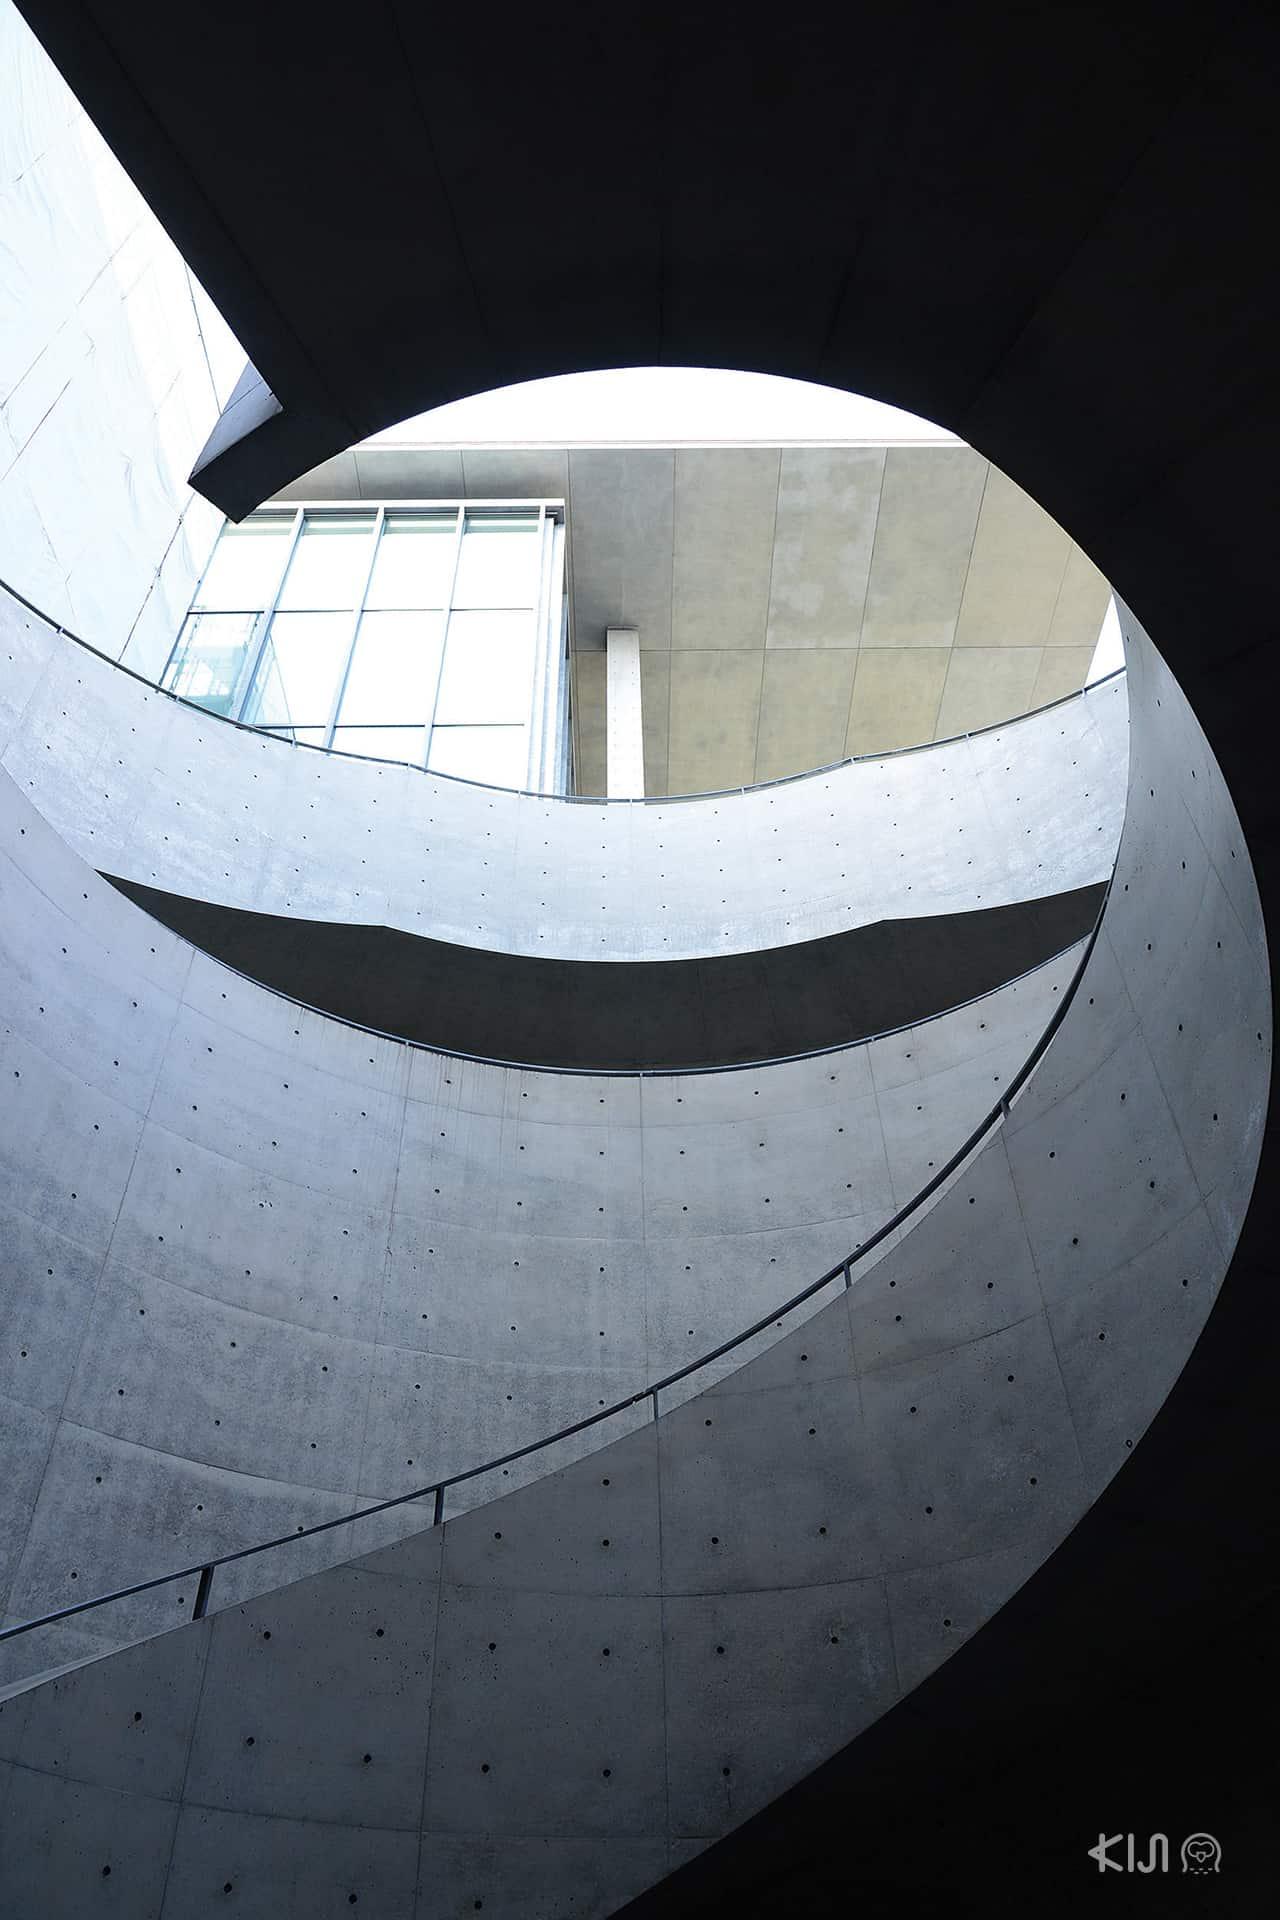 การออกแบบของอาคารพิพิธภัณฑ์ศิลปะเฮียวโงะ (Hyogo Prefectural Museum of Art)